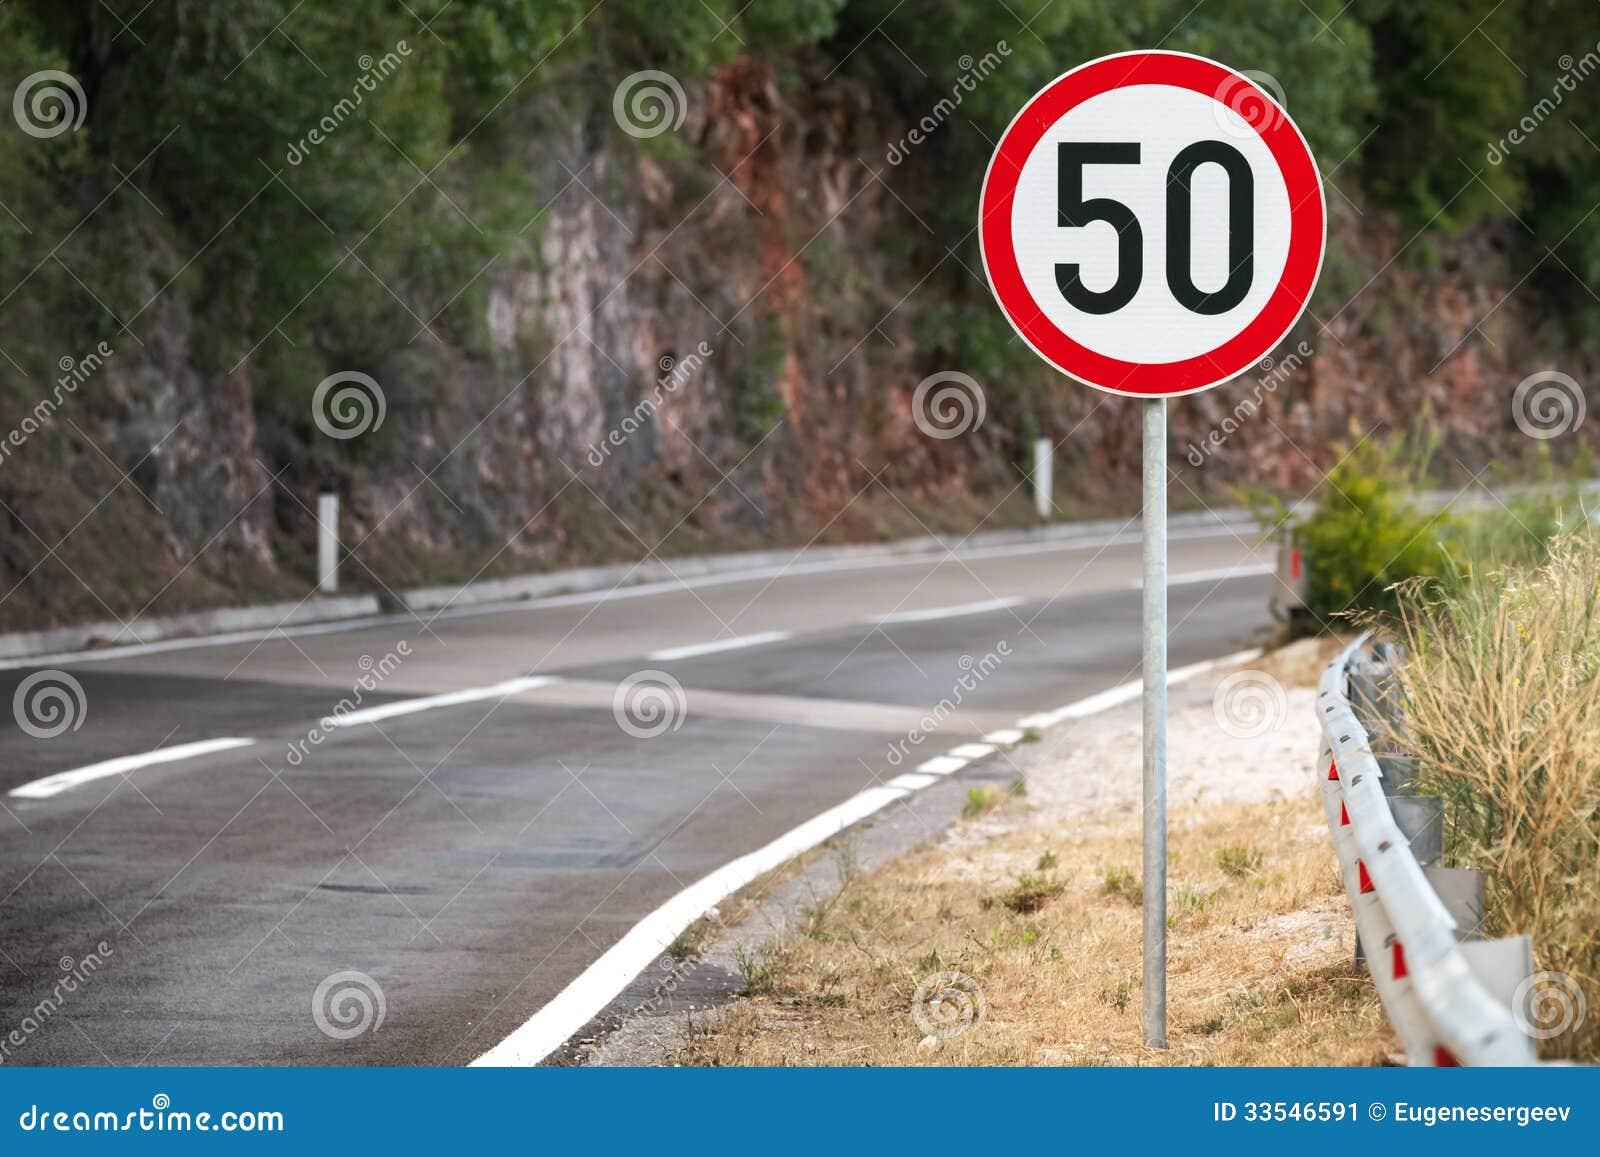 panneau routier rond de limitation de vitesse image stock image du montagnes danger 33546591. Black Bedroom Furniture Sets. Home Design Ideas